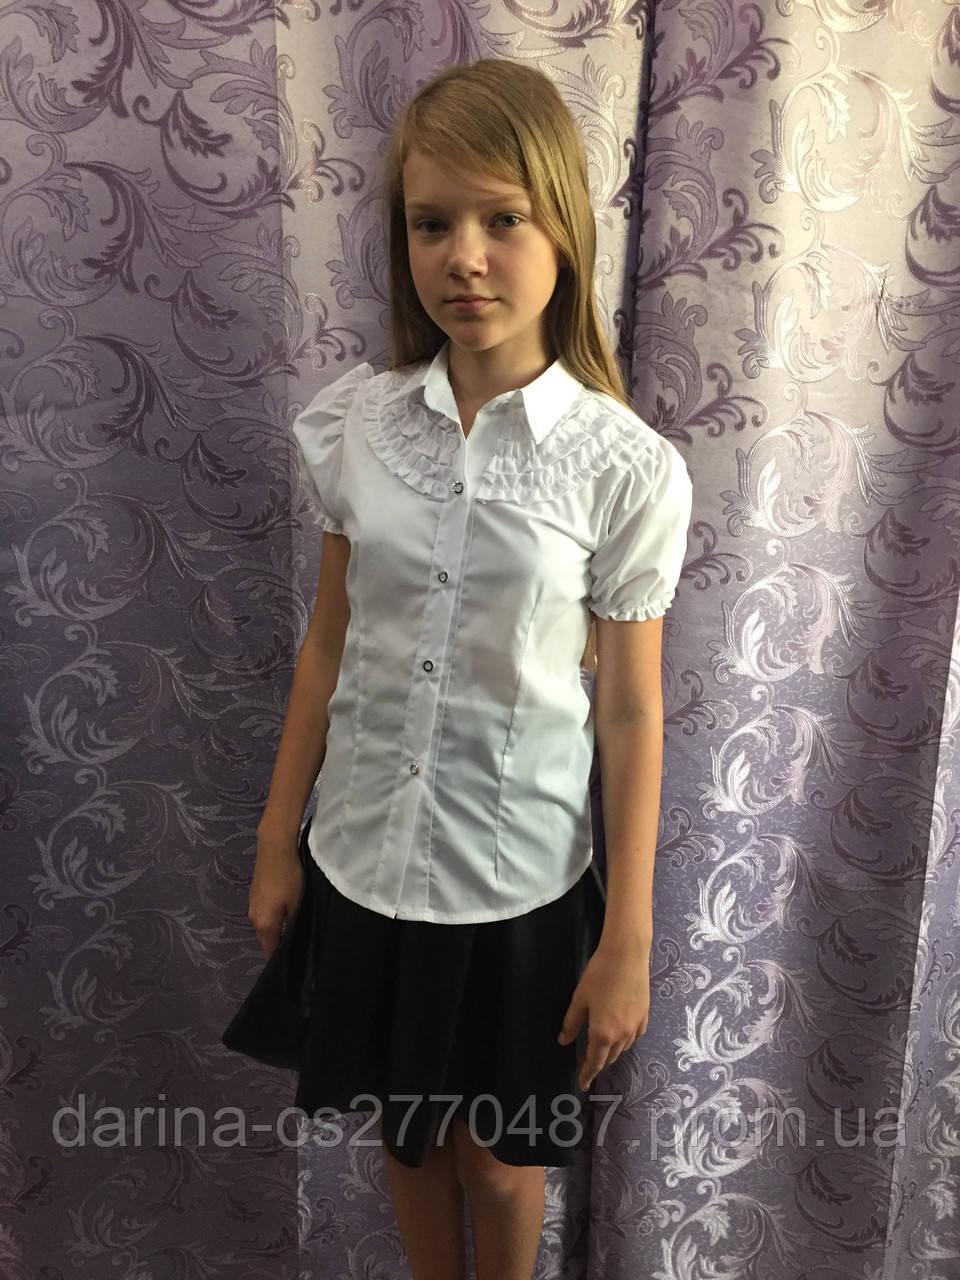 c8b3c67d0fb Белая блузка для девочки - Дарина - интернет магазин детской и мужской  одежды в Запорожской области